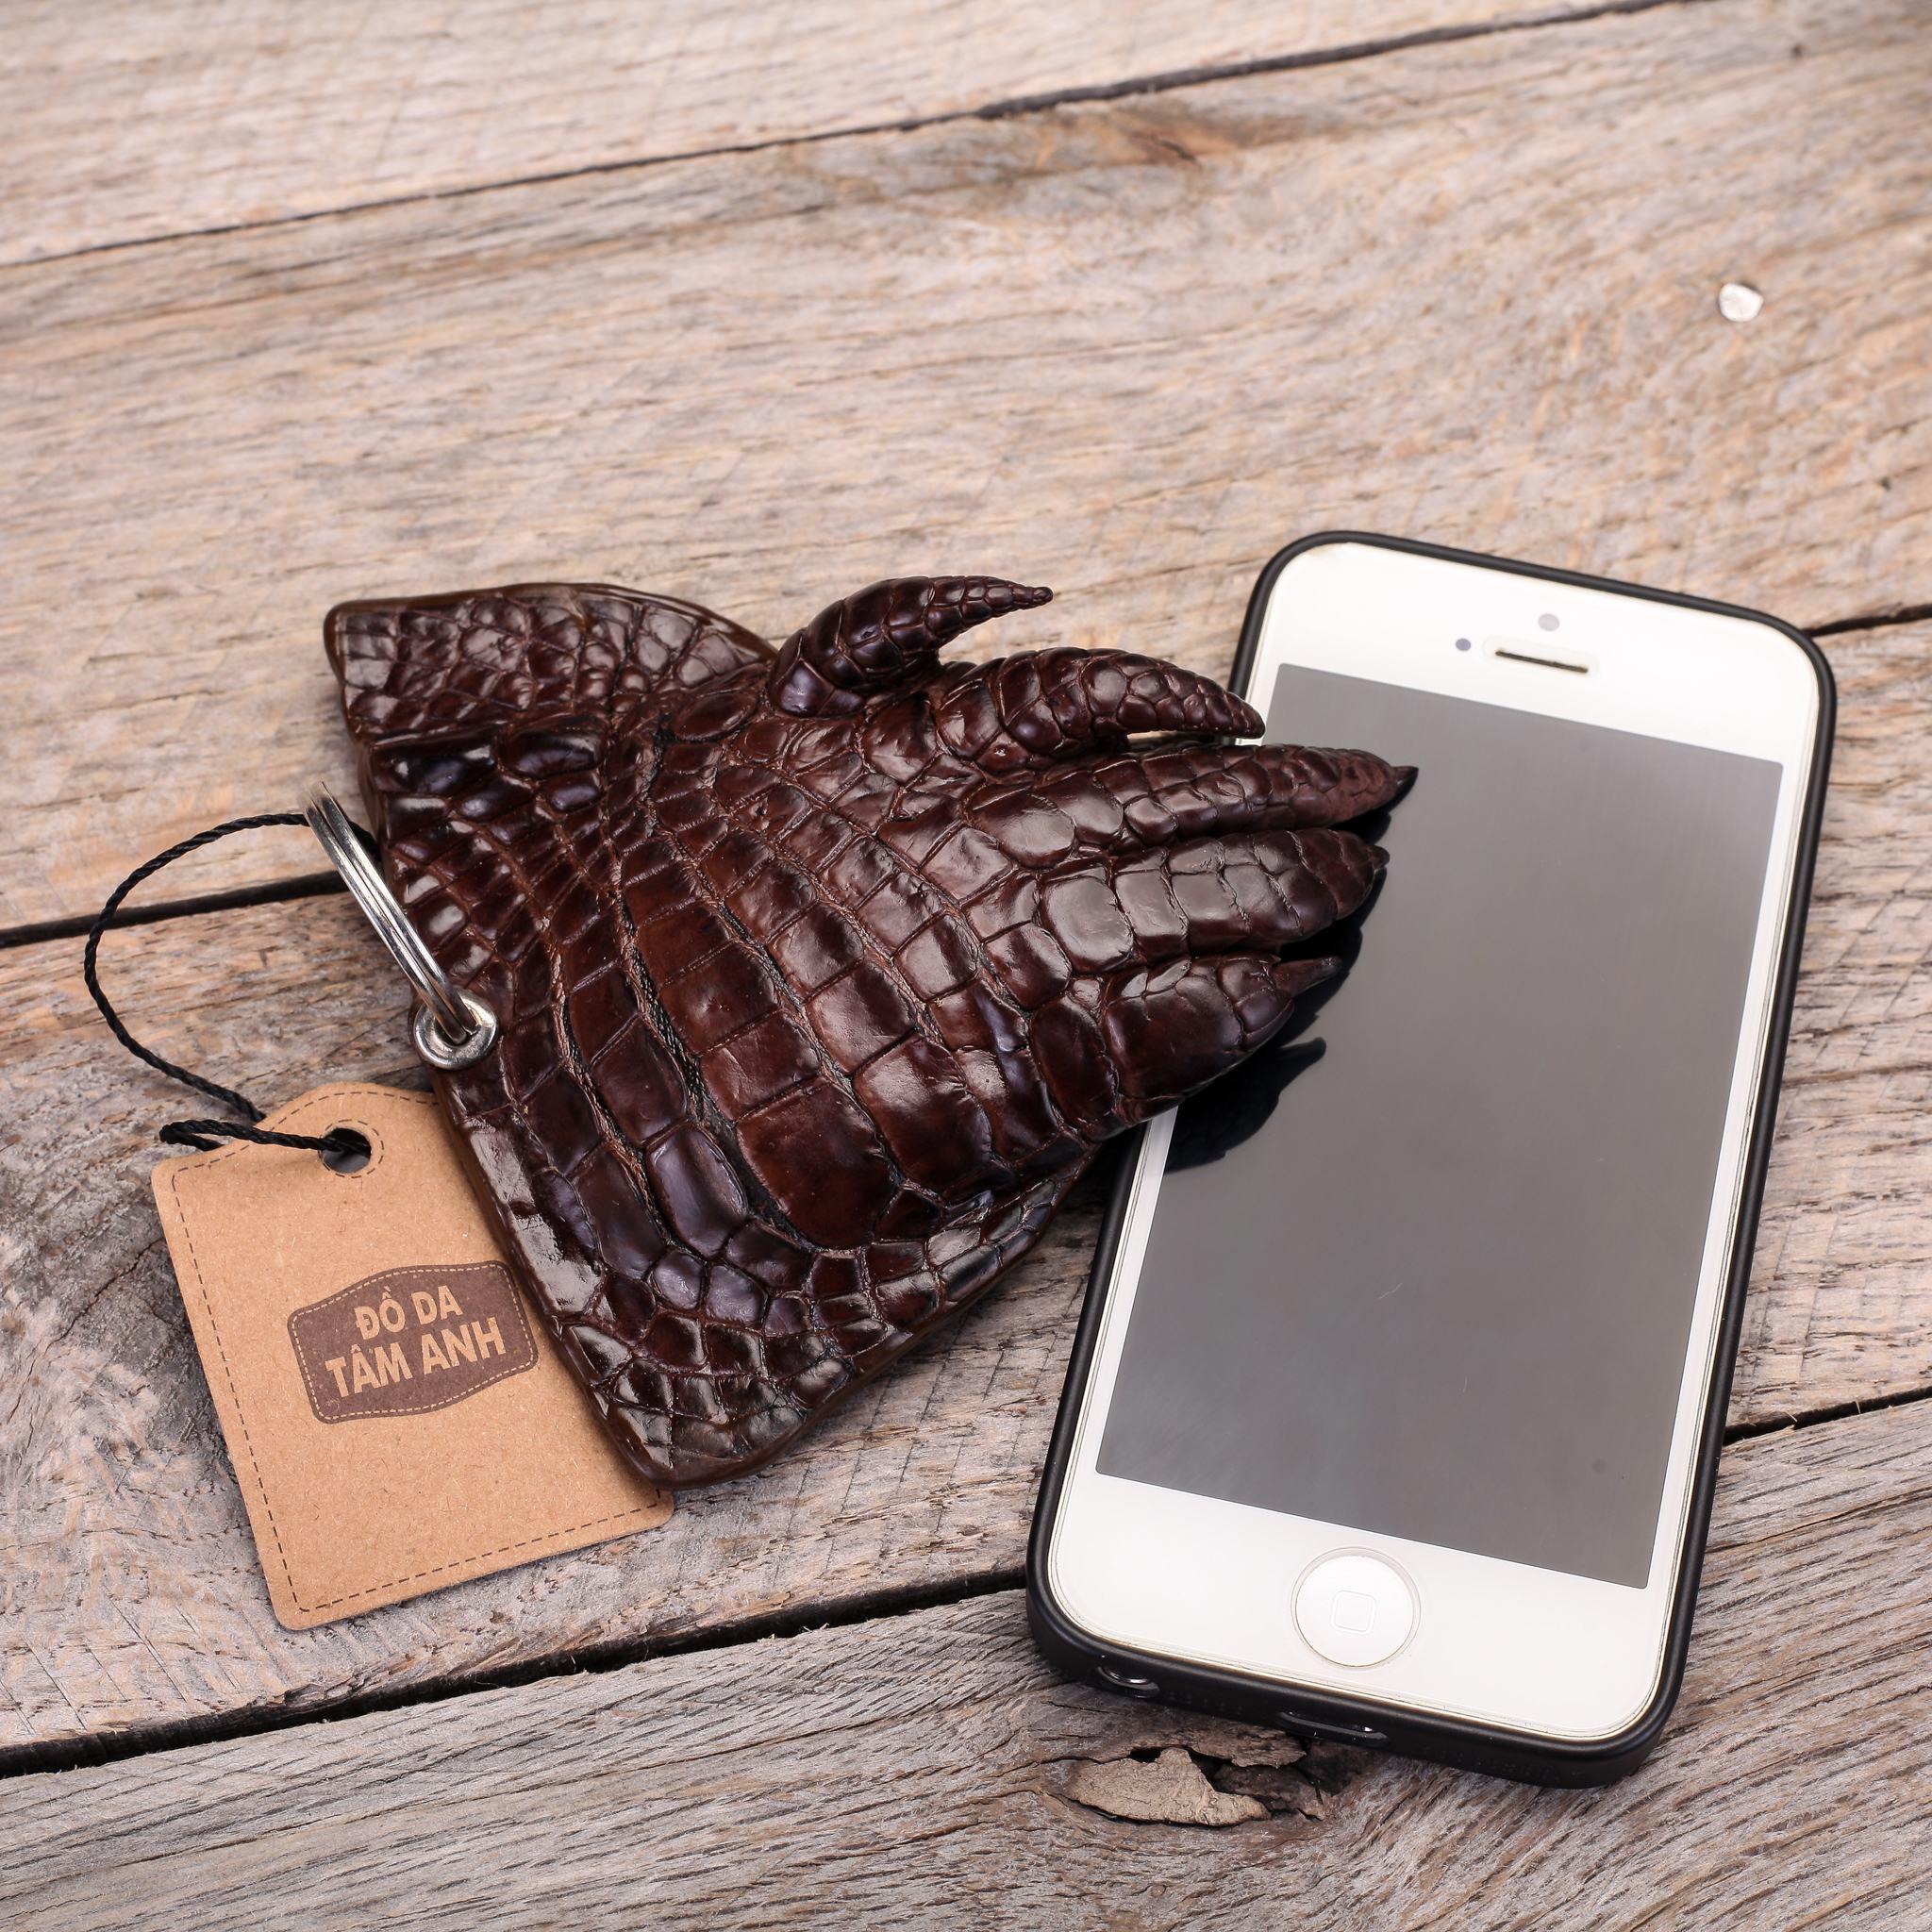 Móc khóa thời trang móng cá sấu MKMONG-NAUDAM